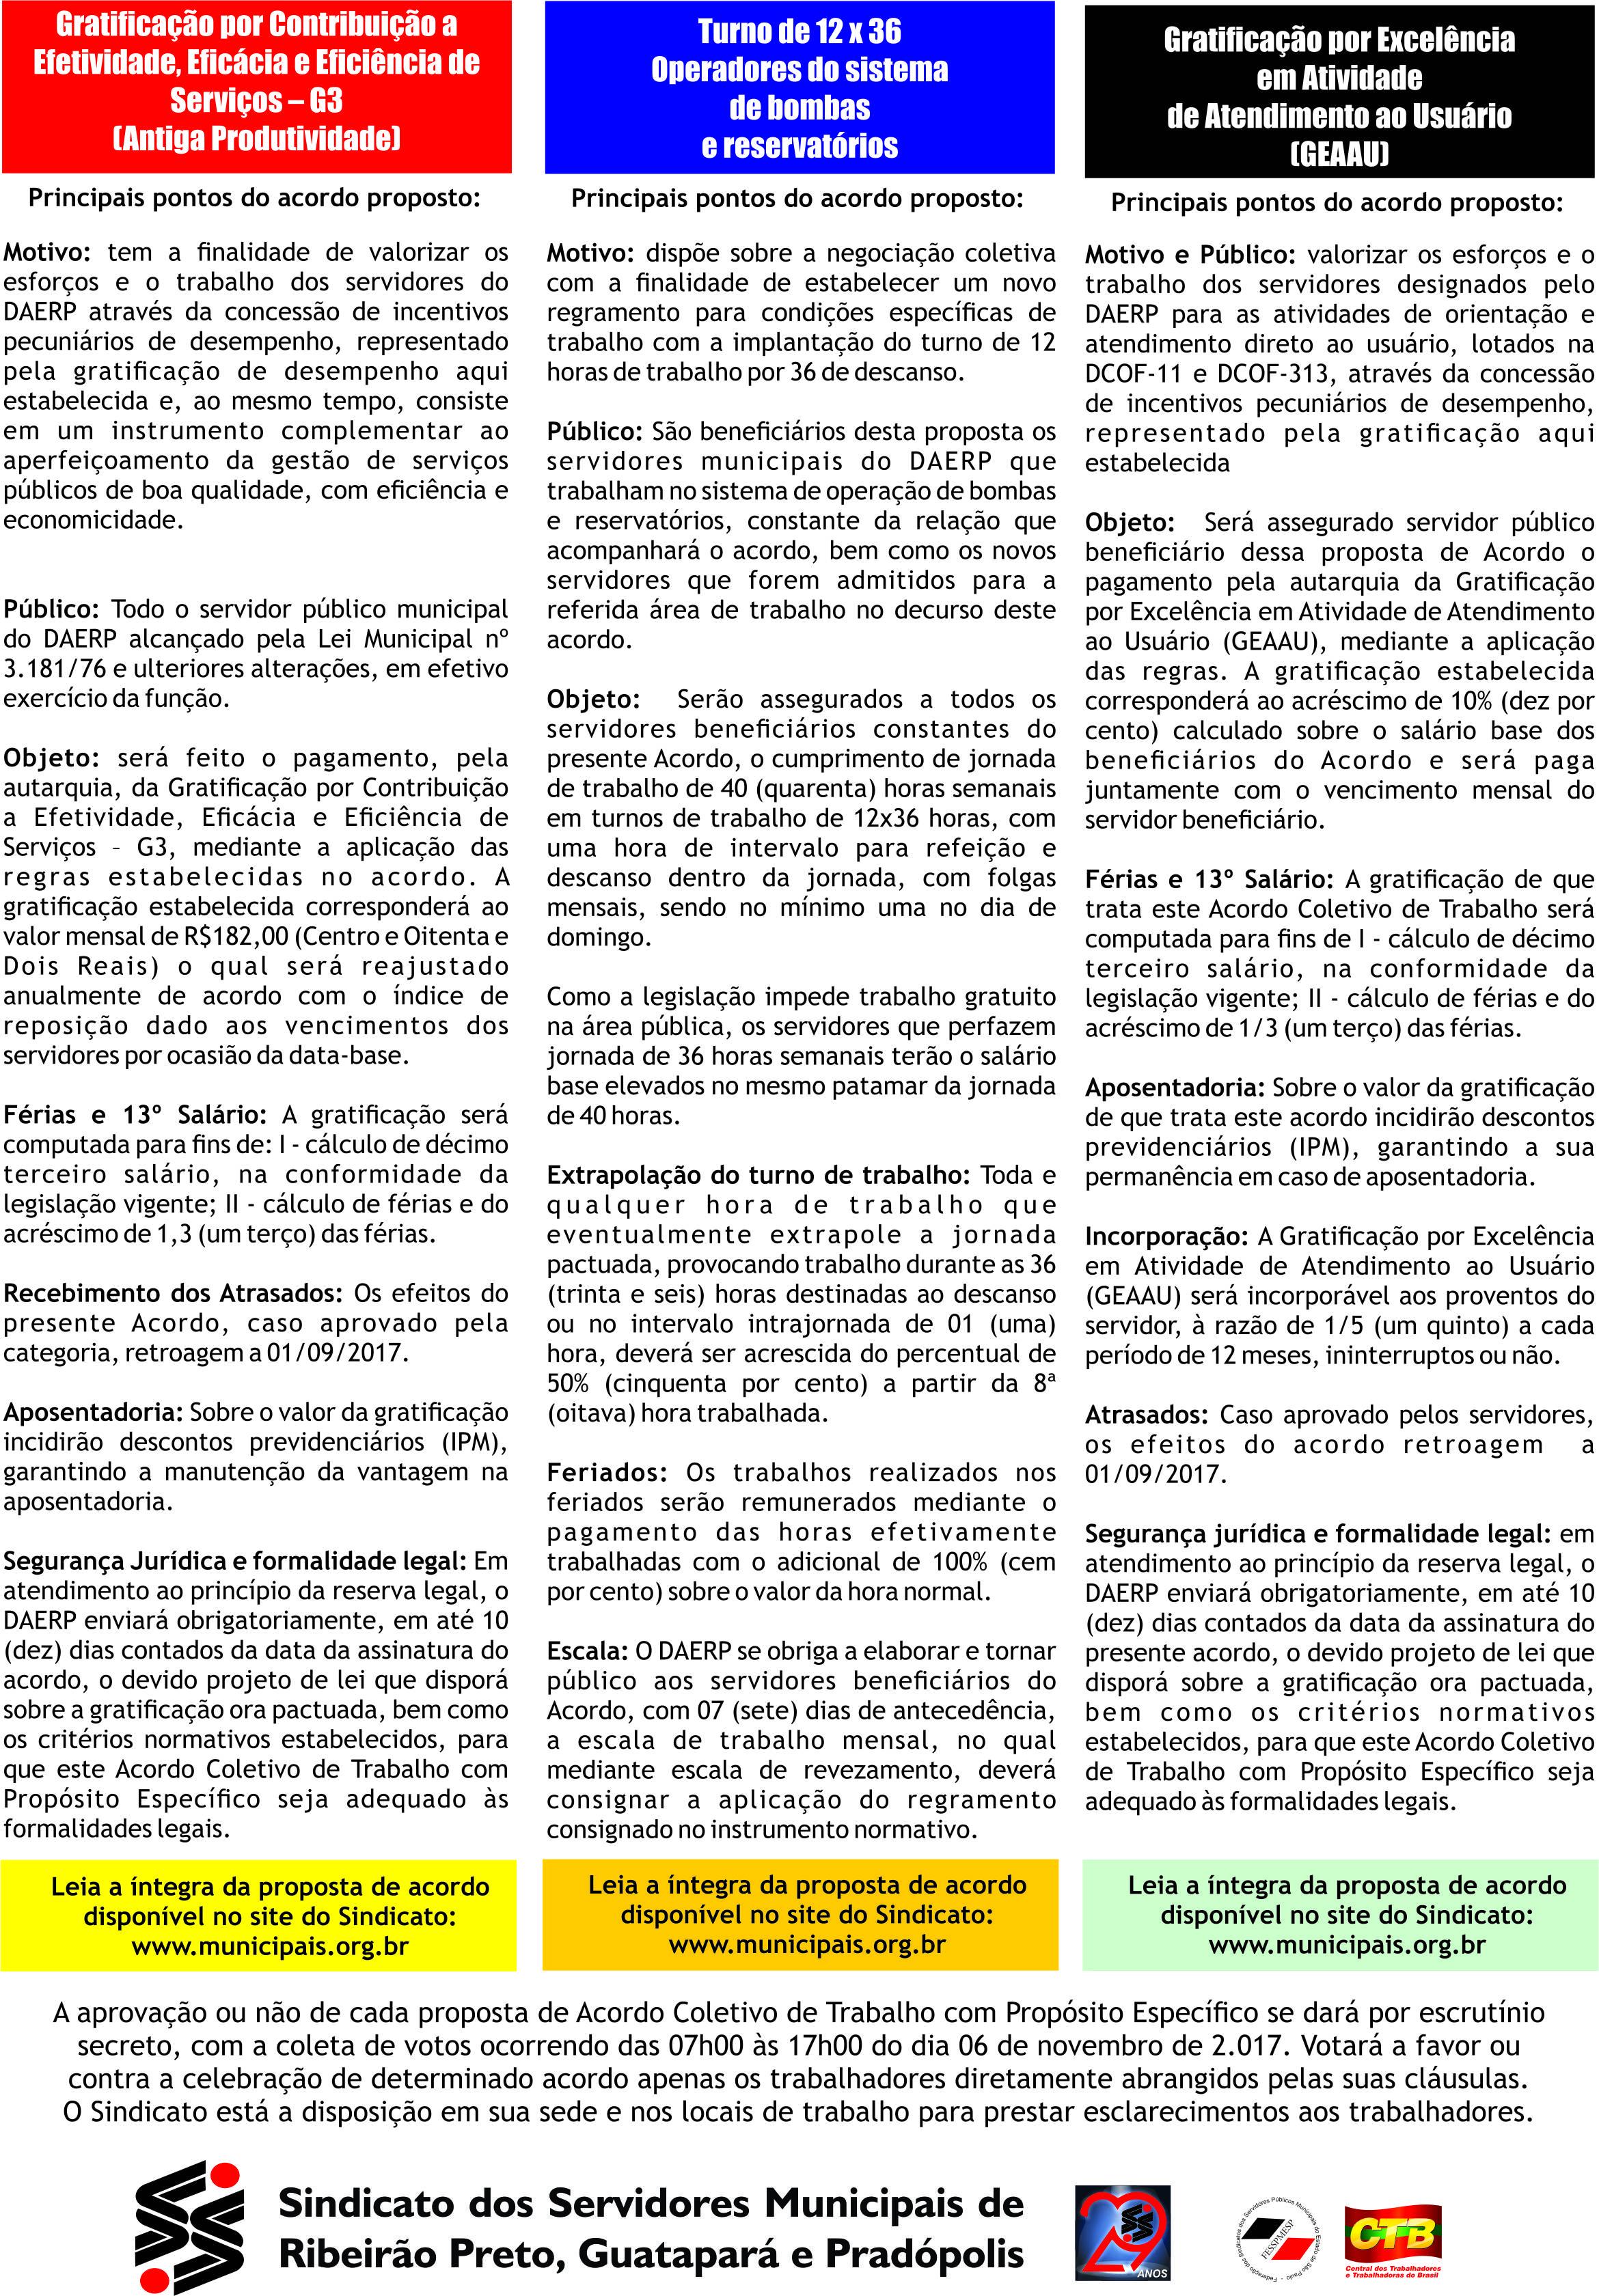 Panfleto Informativo Daerp Negociação Coletiva Aprovado verso